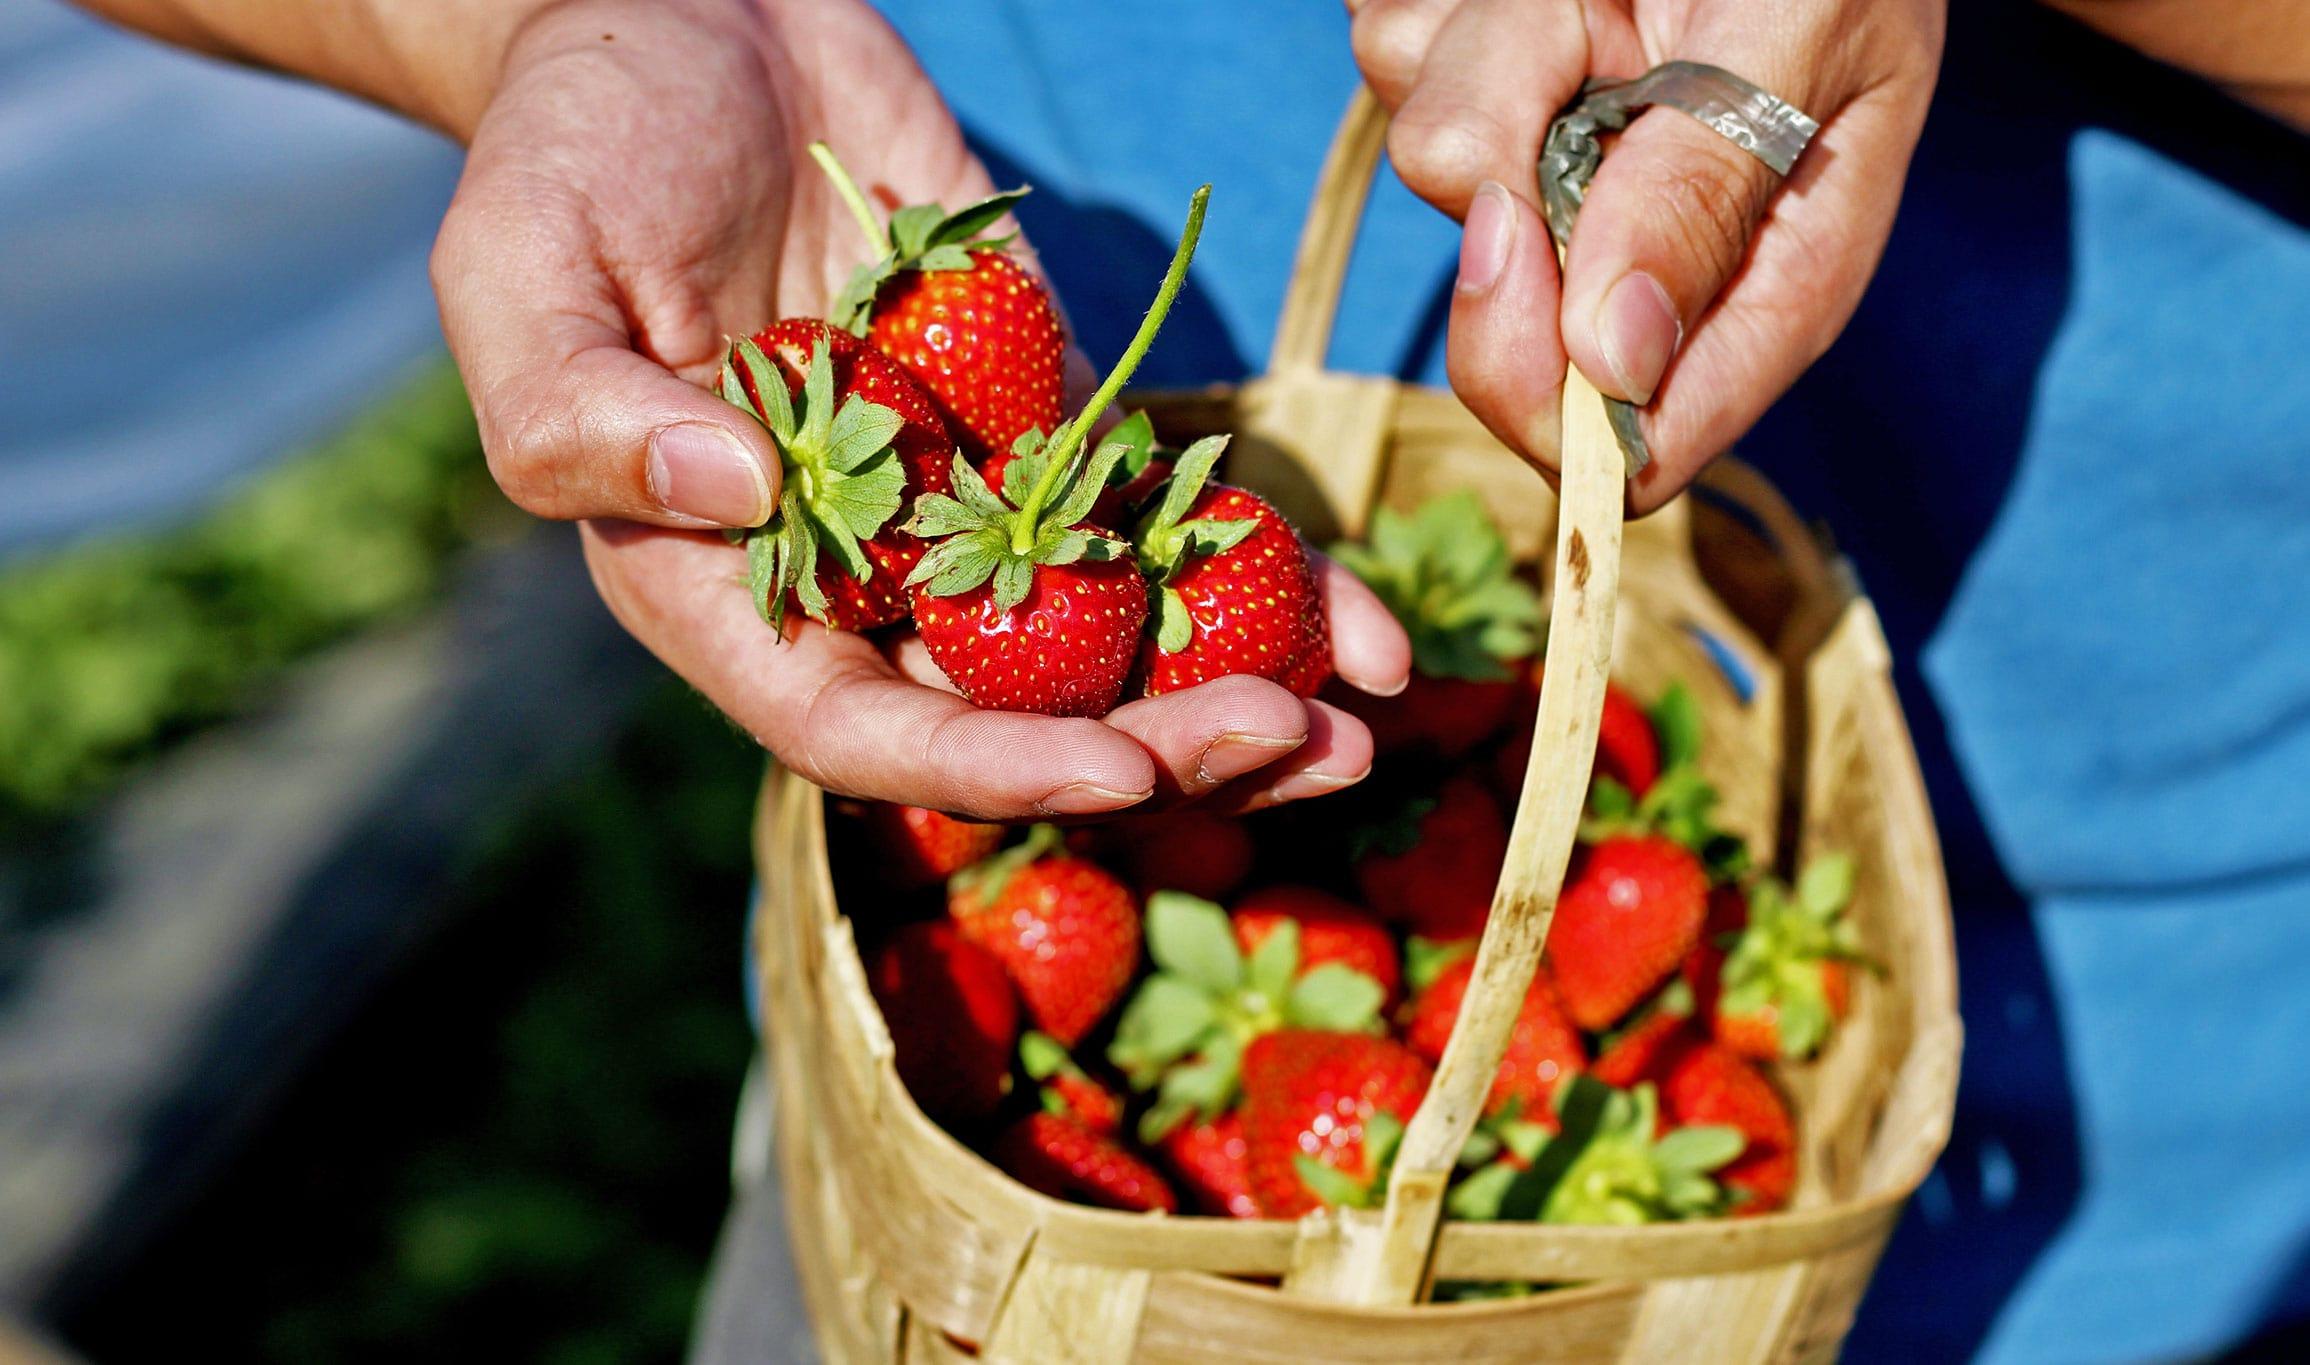 A basket of freshly picked strawberries in Banaue